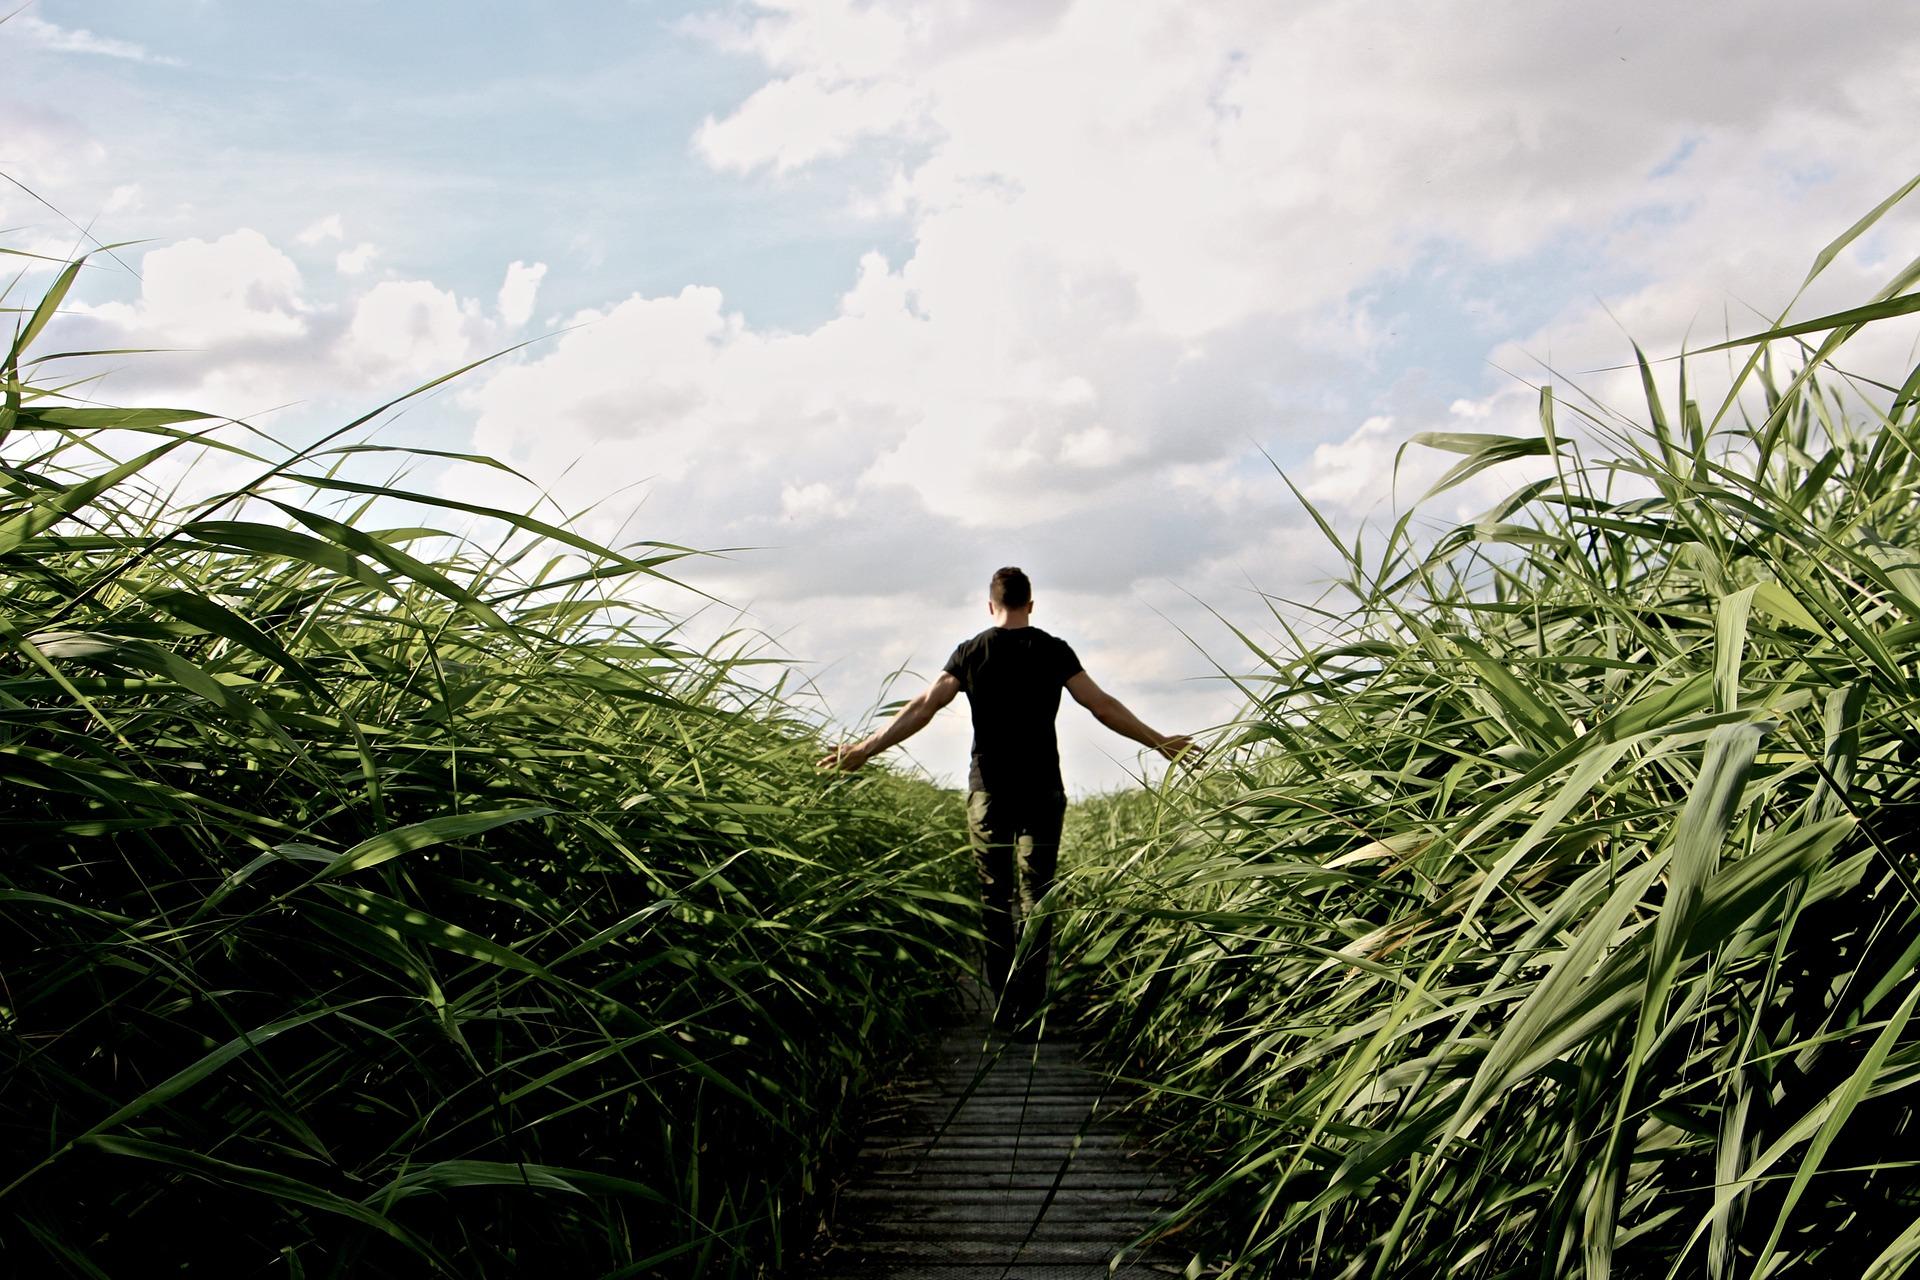 человек, ПРАДО, поле, трава, расслабиться - Обои HD - Профессор falken.com